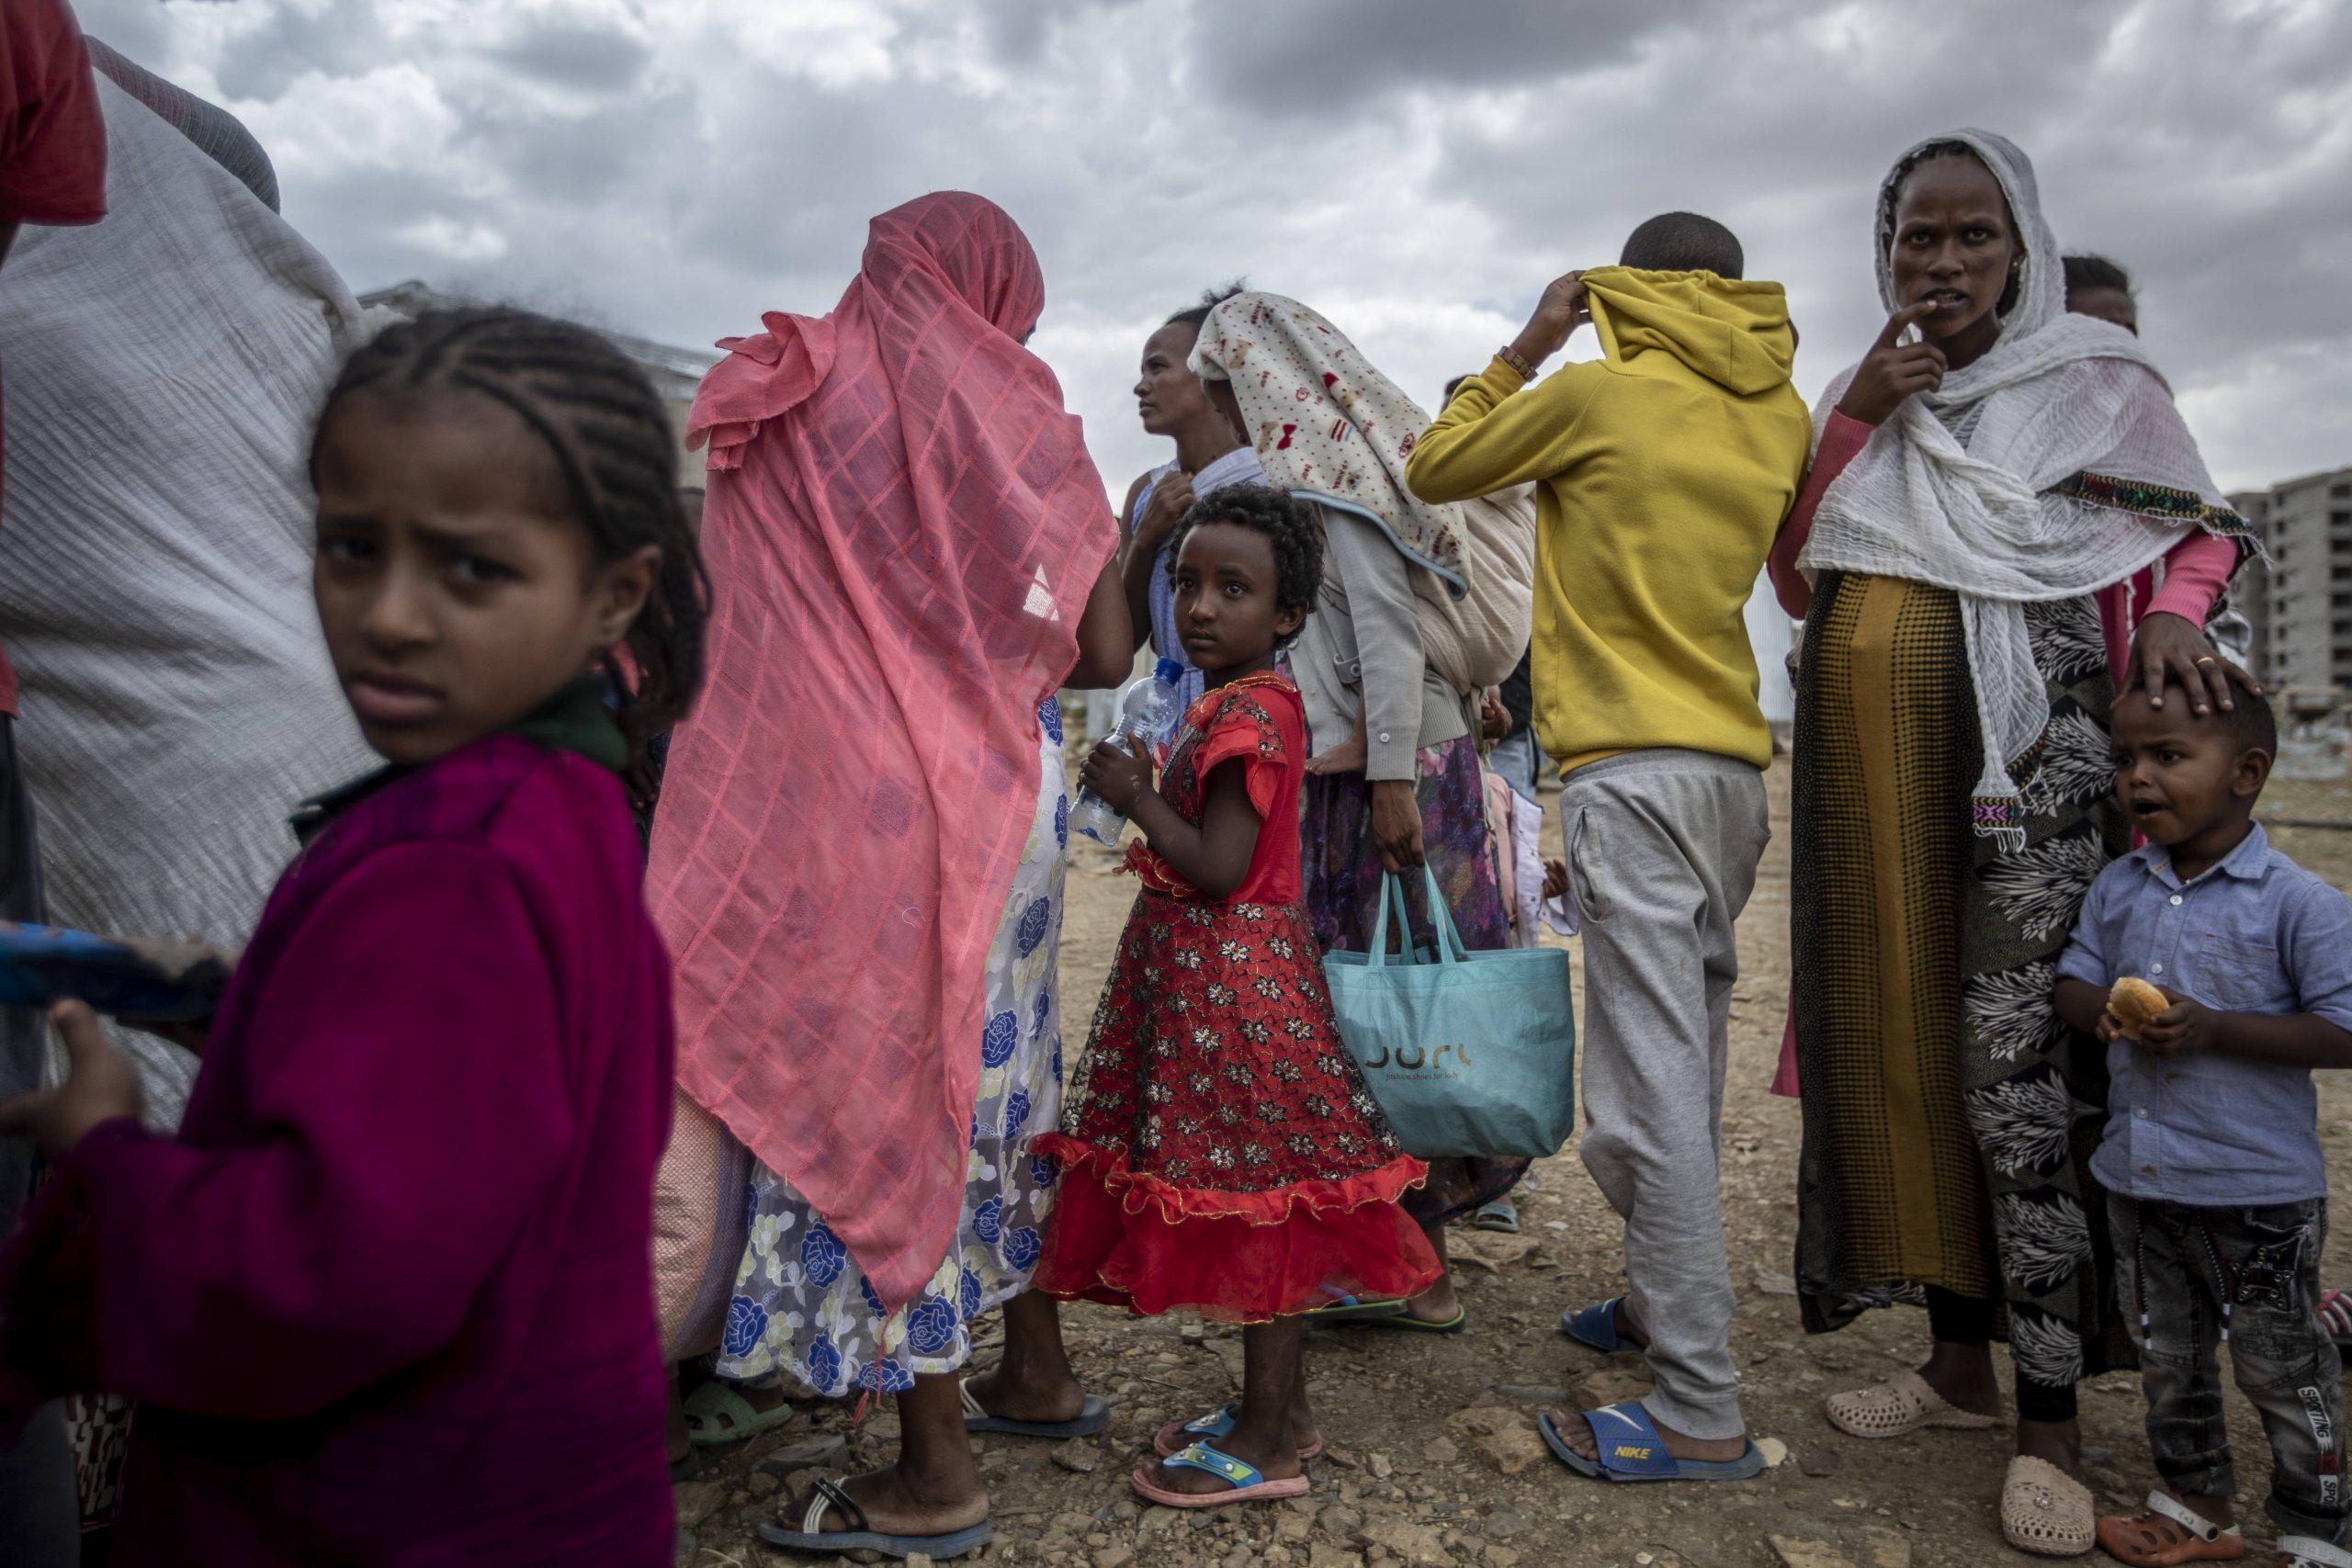 Dans un centre d'accueil pour personnes déplacées à Mekele, dans la région du Tigré au nord de l'Éthiopie, le dimanche 9 mai 2021.